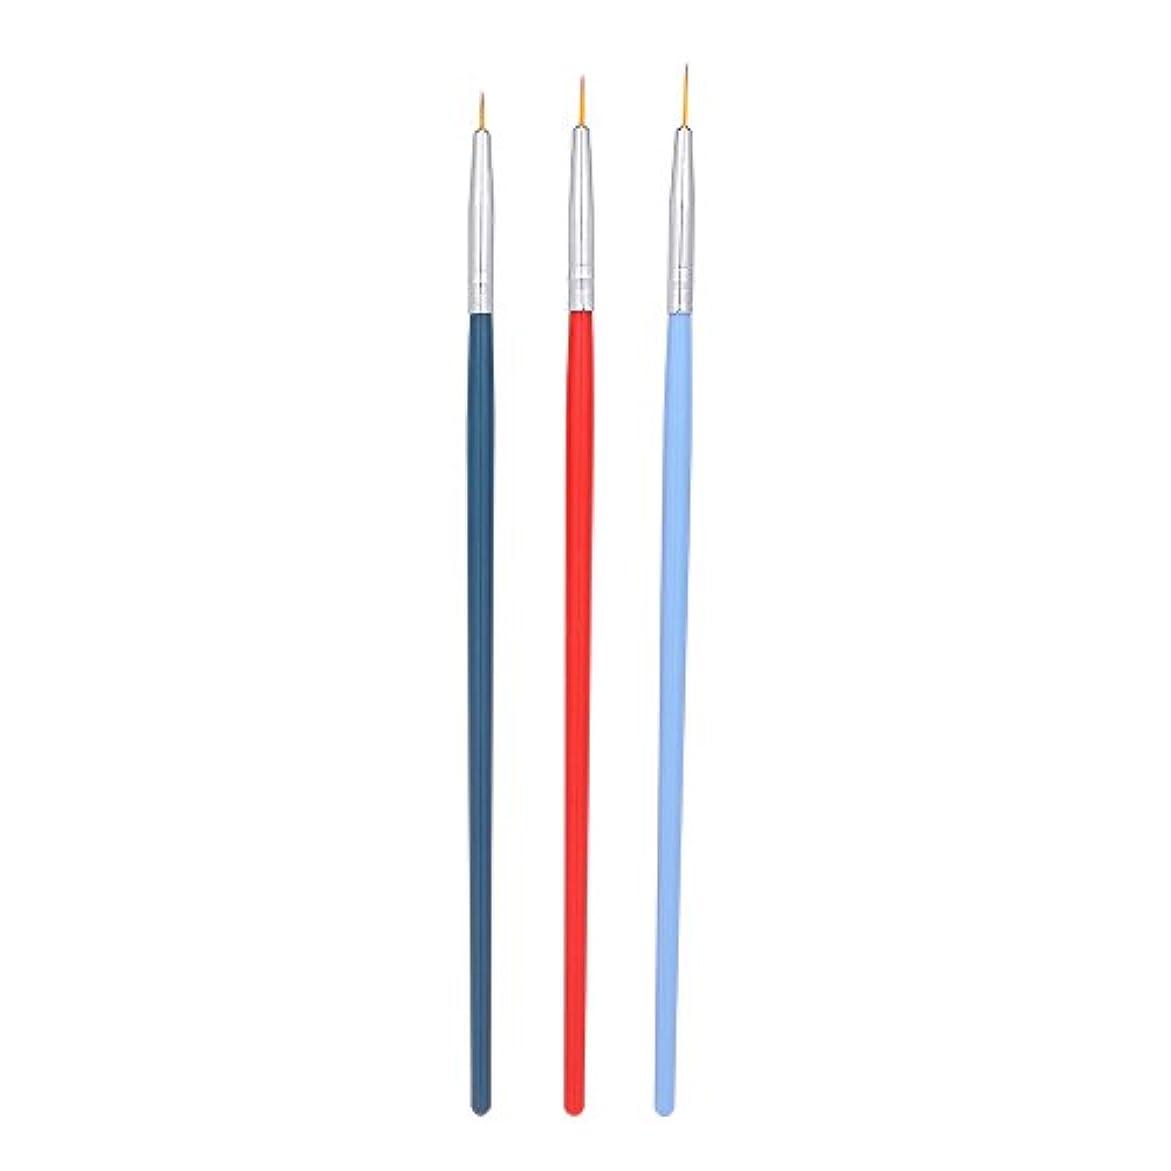 十年名門長々とDecdeal 3本 ネイルアートライナーブラシ ネイルブラシ ペン UVジェル塗装 セット マニキュア ネイルツール プラスチックハンドル